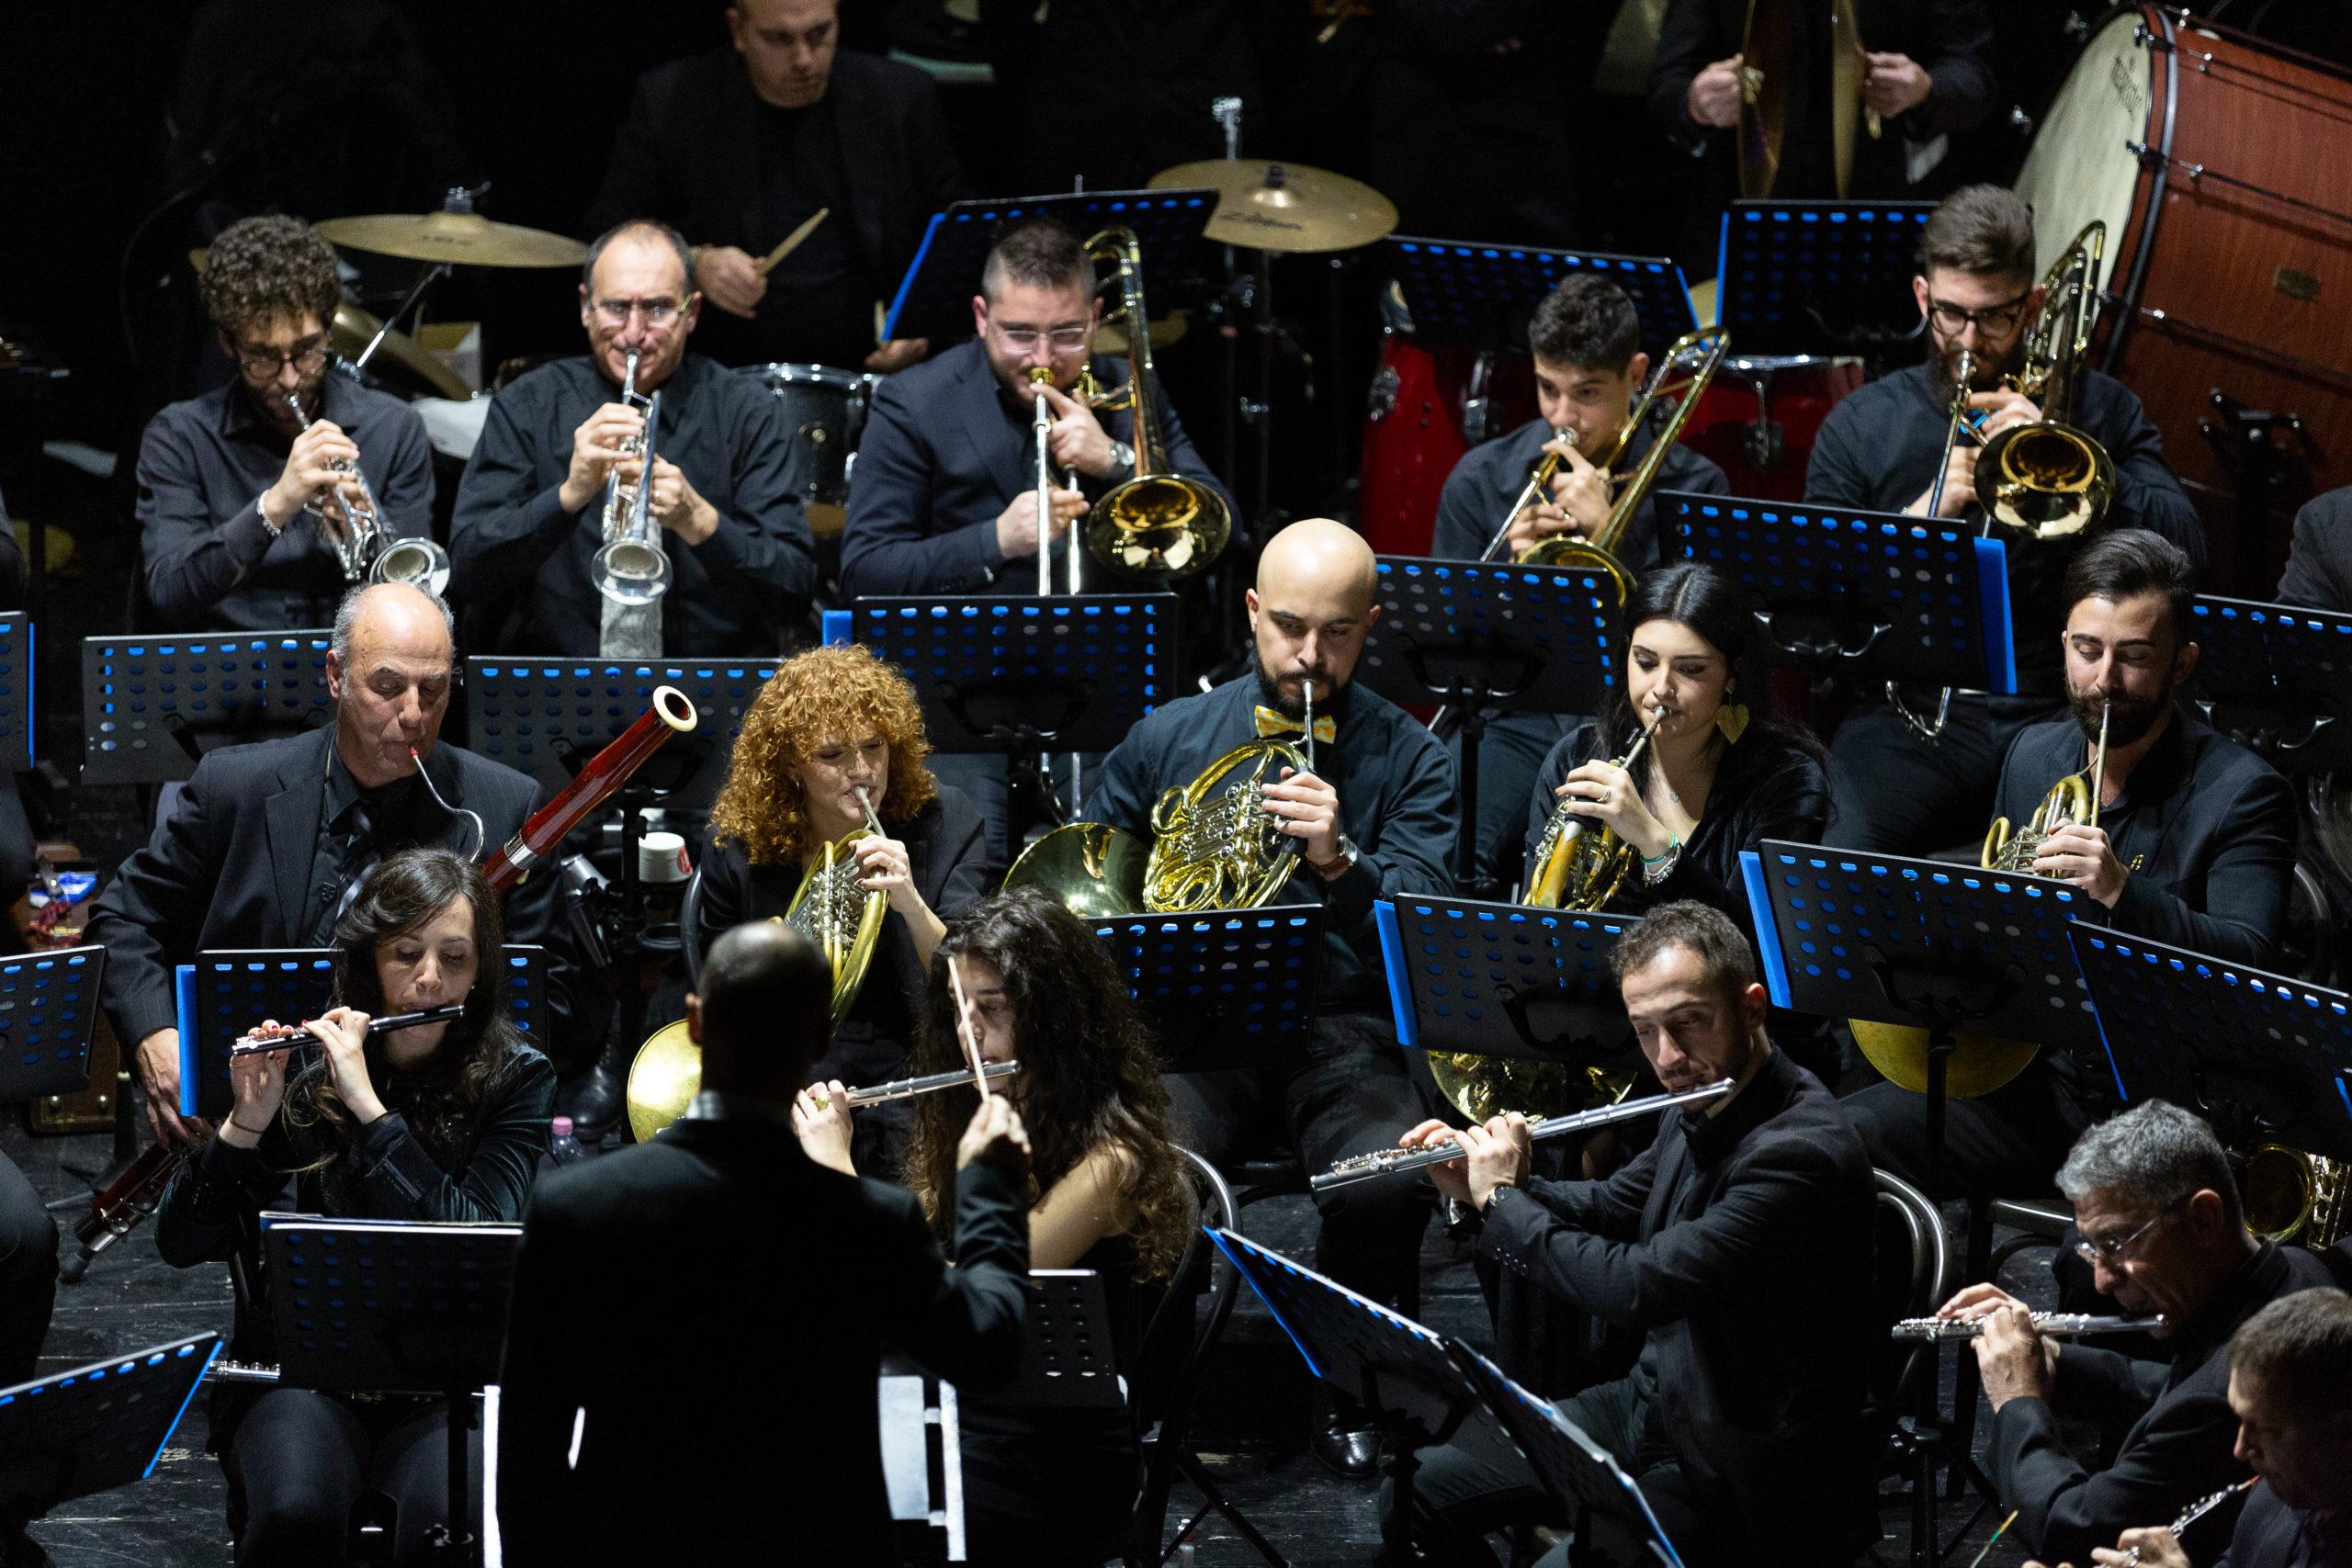 Concerto-di-Natale-Banda-Alaleona-Foto-di-Marco-Rapazzetti-7-scaled